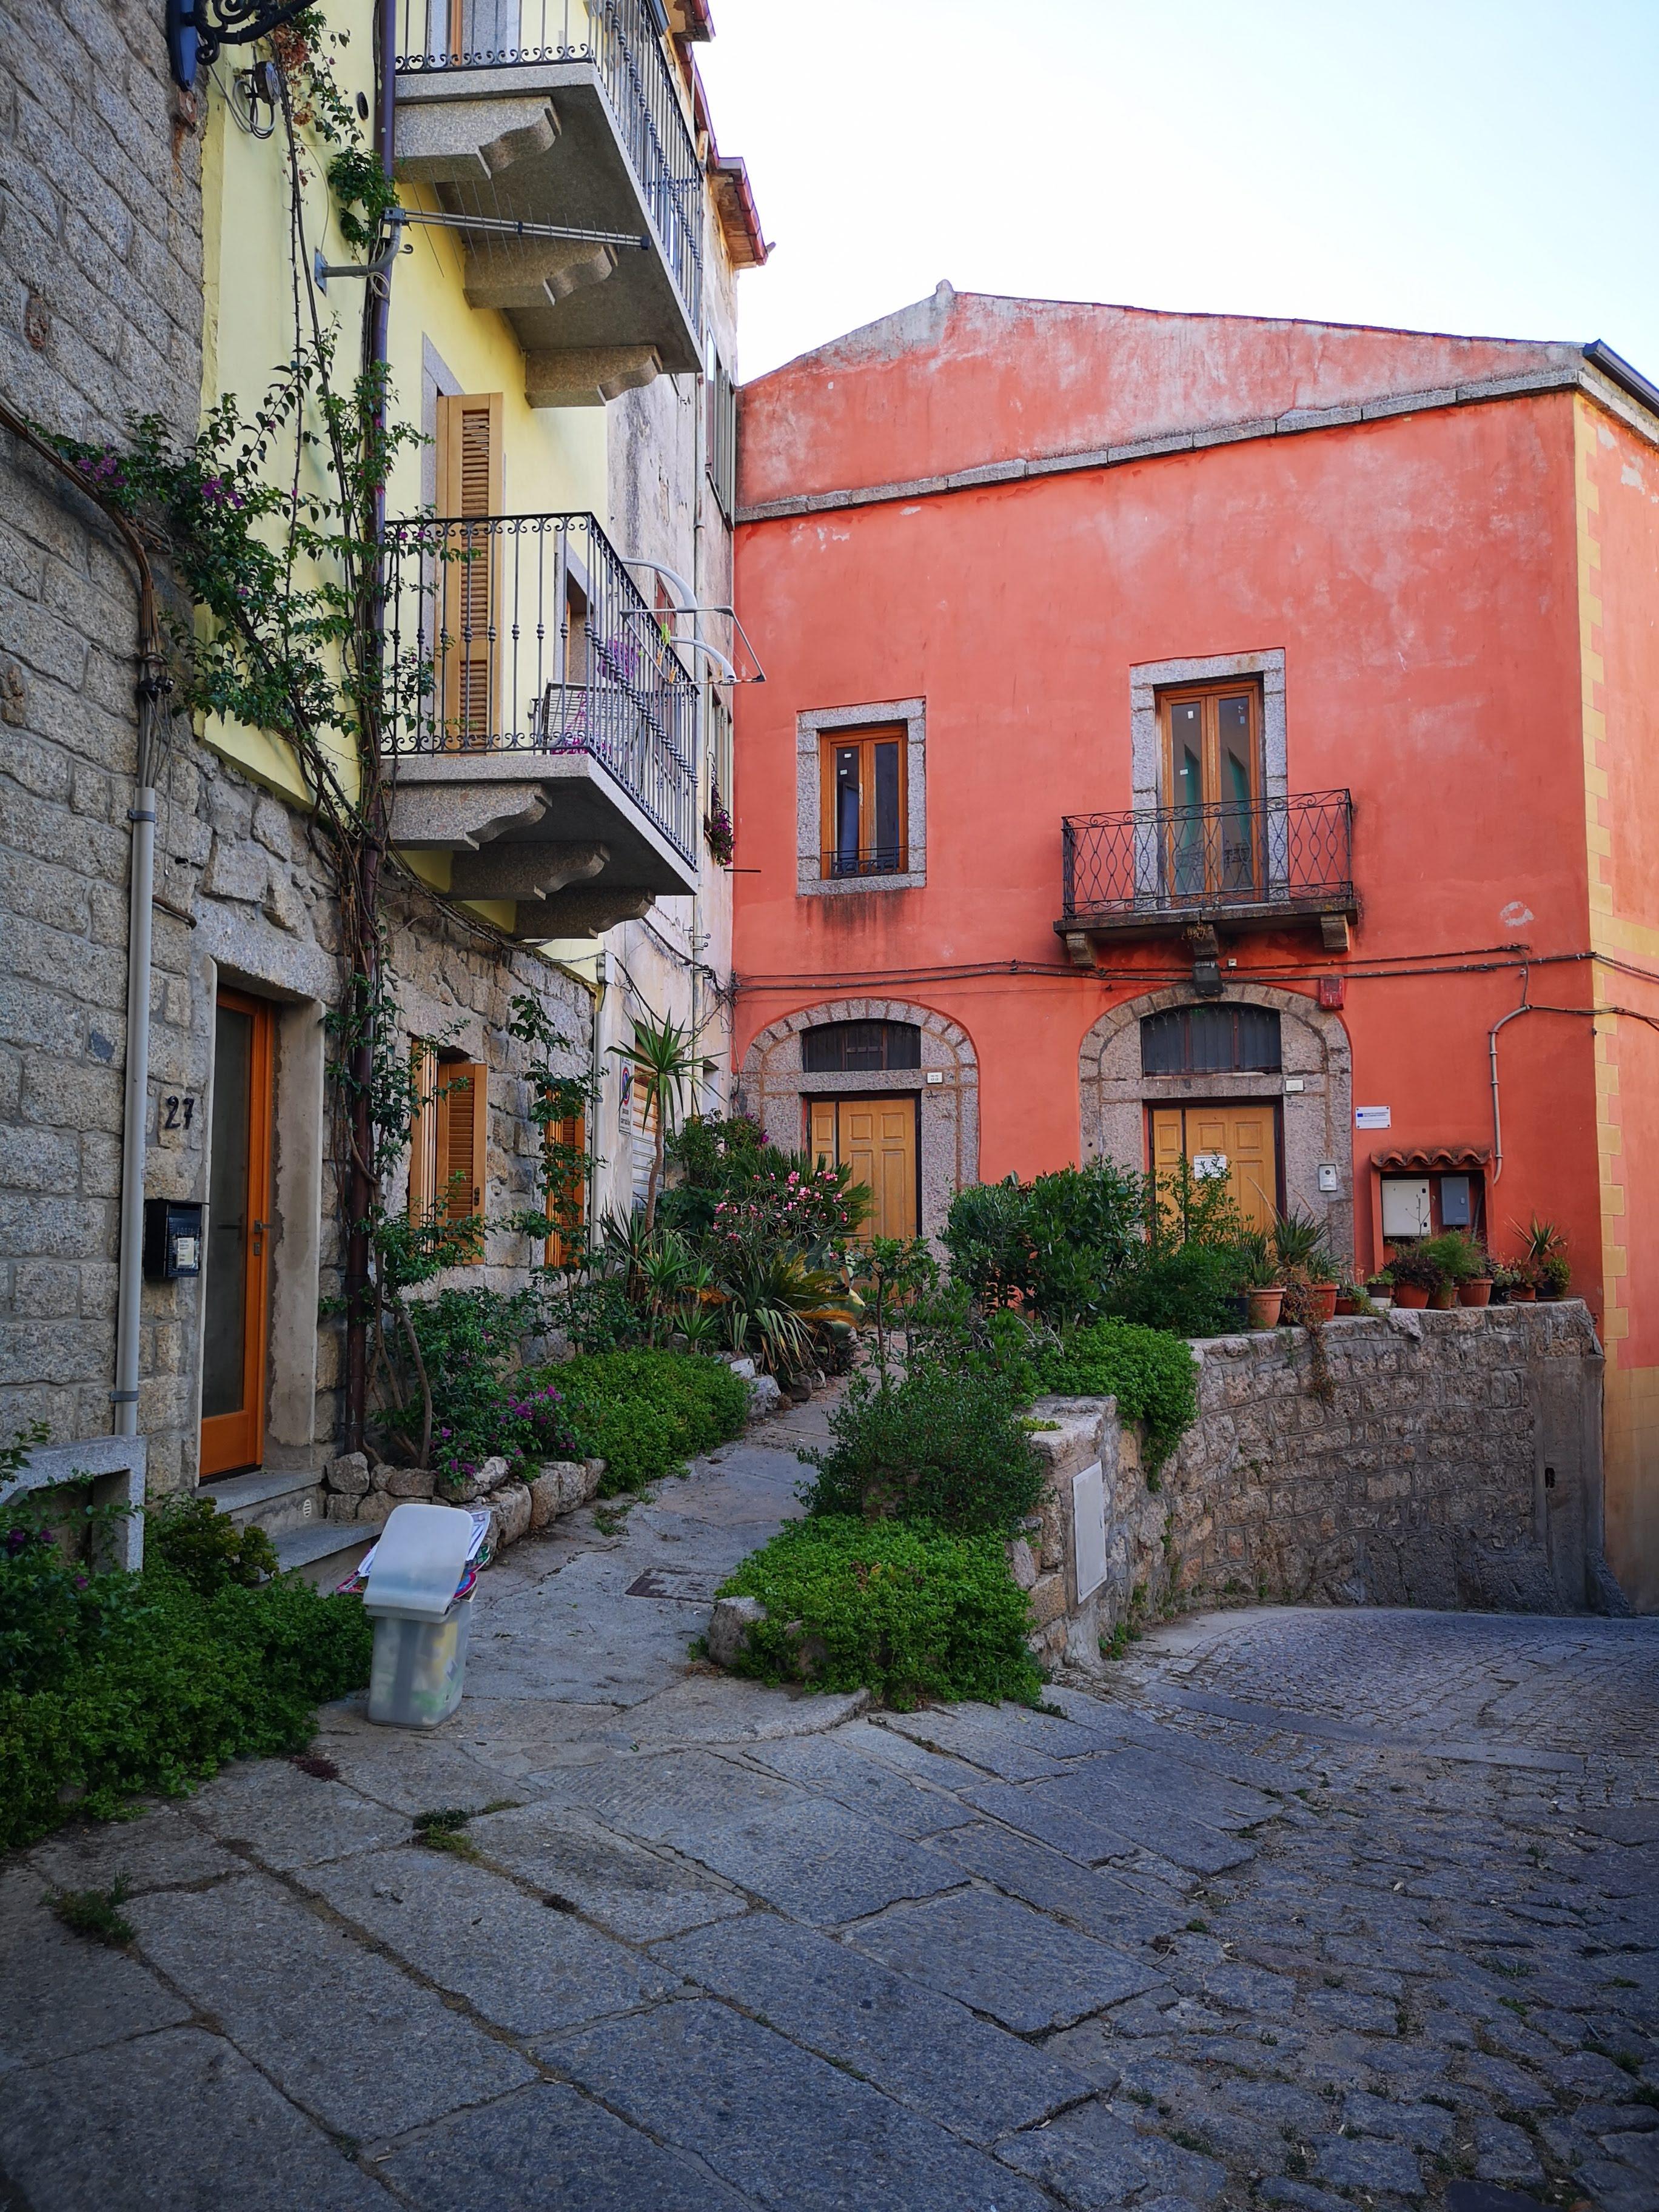 Tempio_Pausania_Sardegna